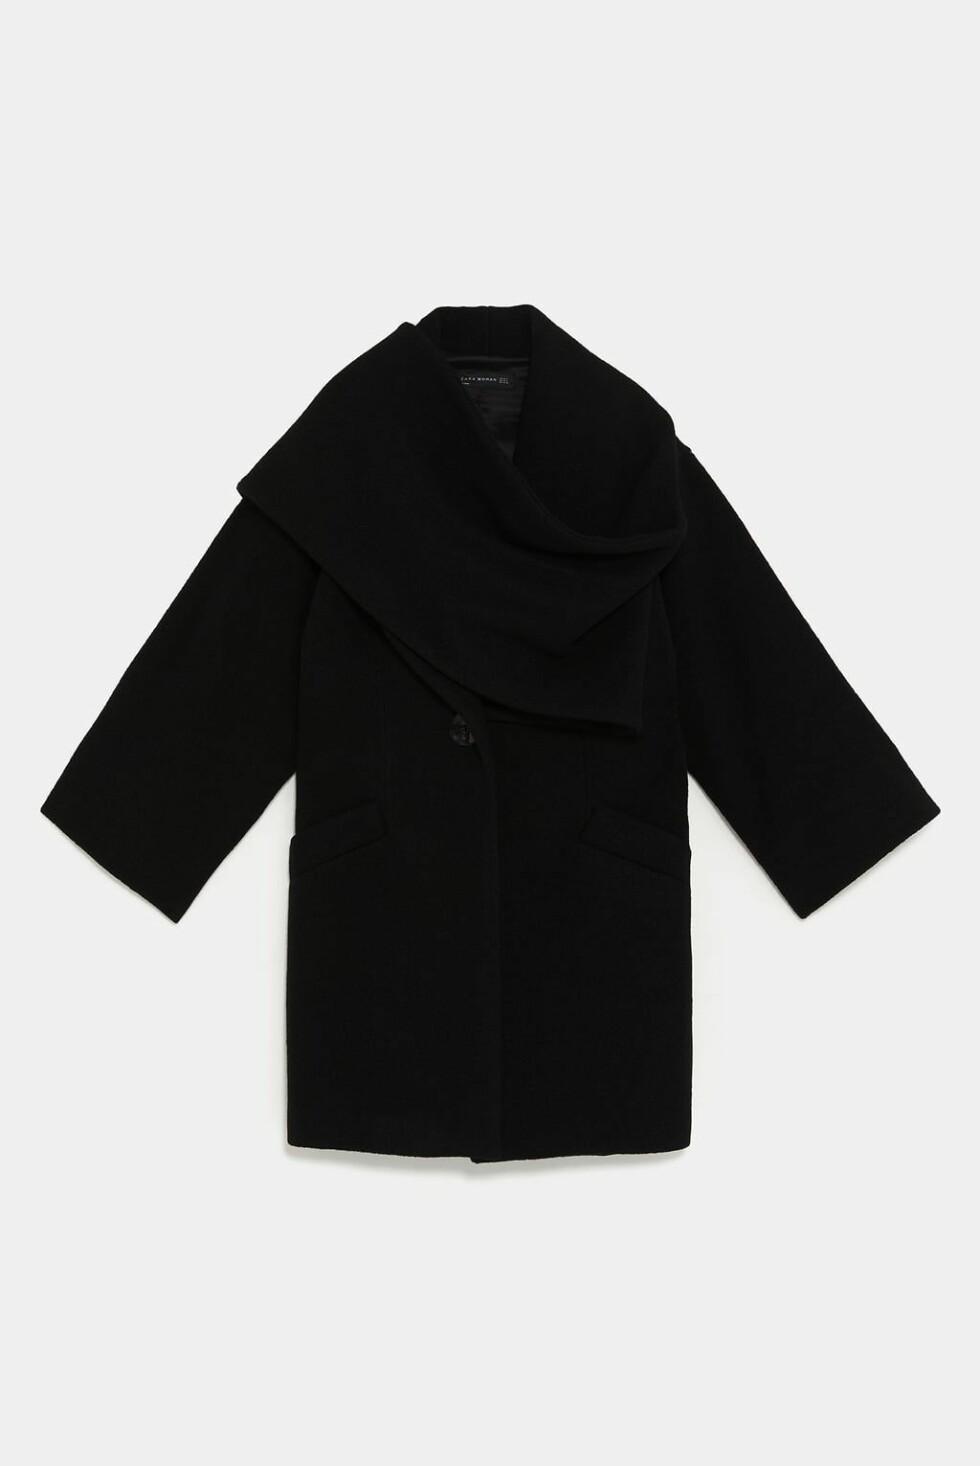 Zara |1695,-| https://www.zara.com/no/no/k%C3%A5pe-med-omslagskrage-p08403939.html?v1=7678042&v2=1074615